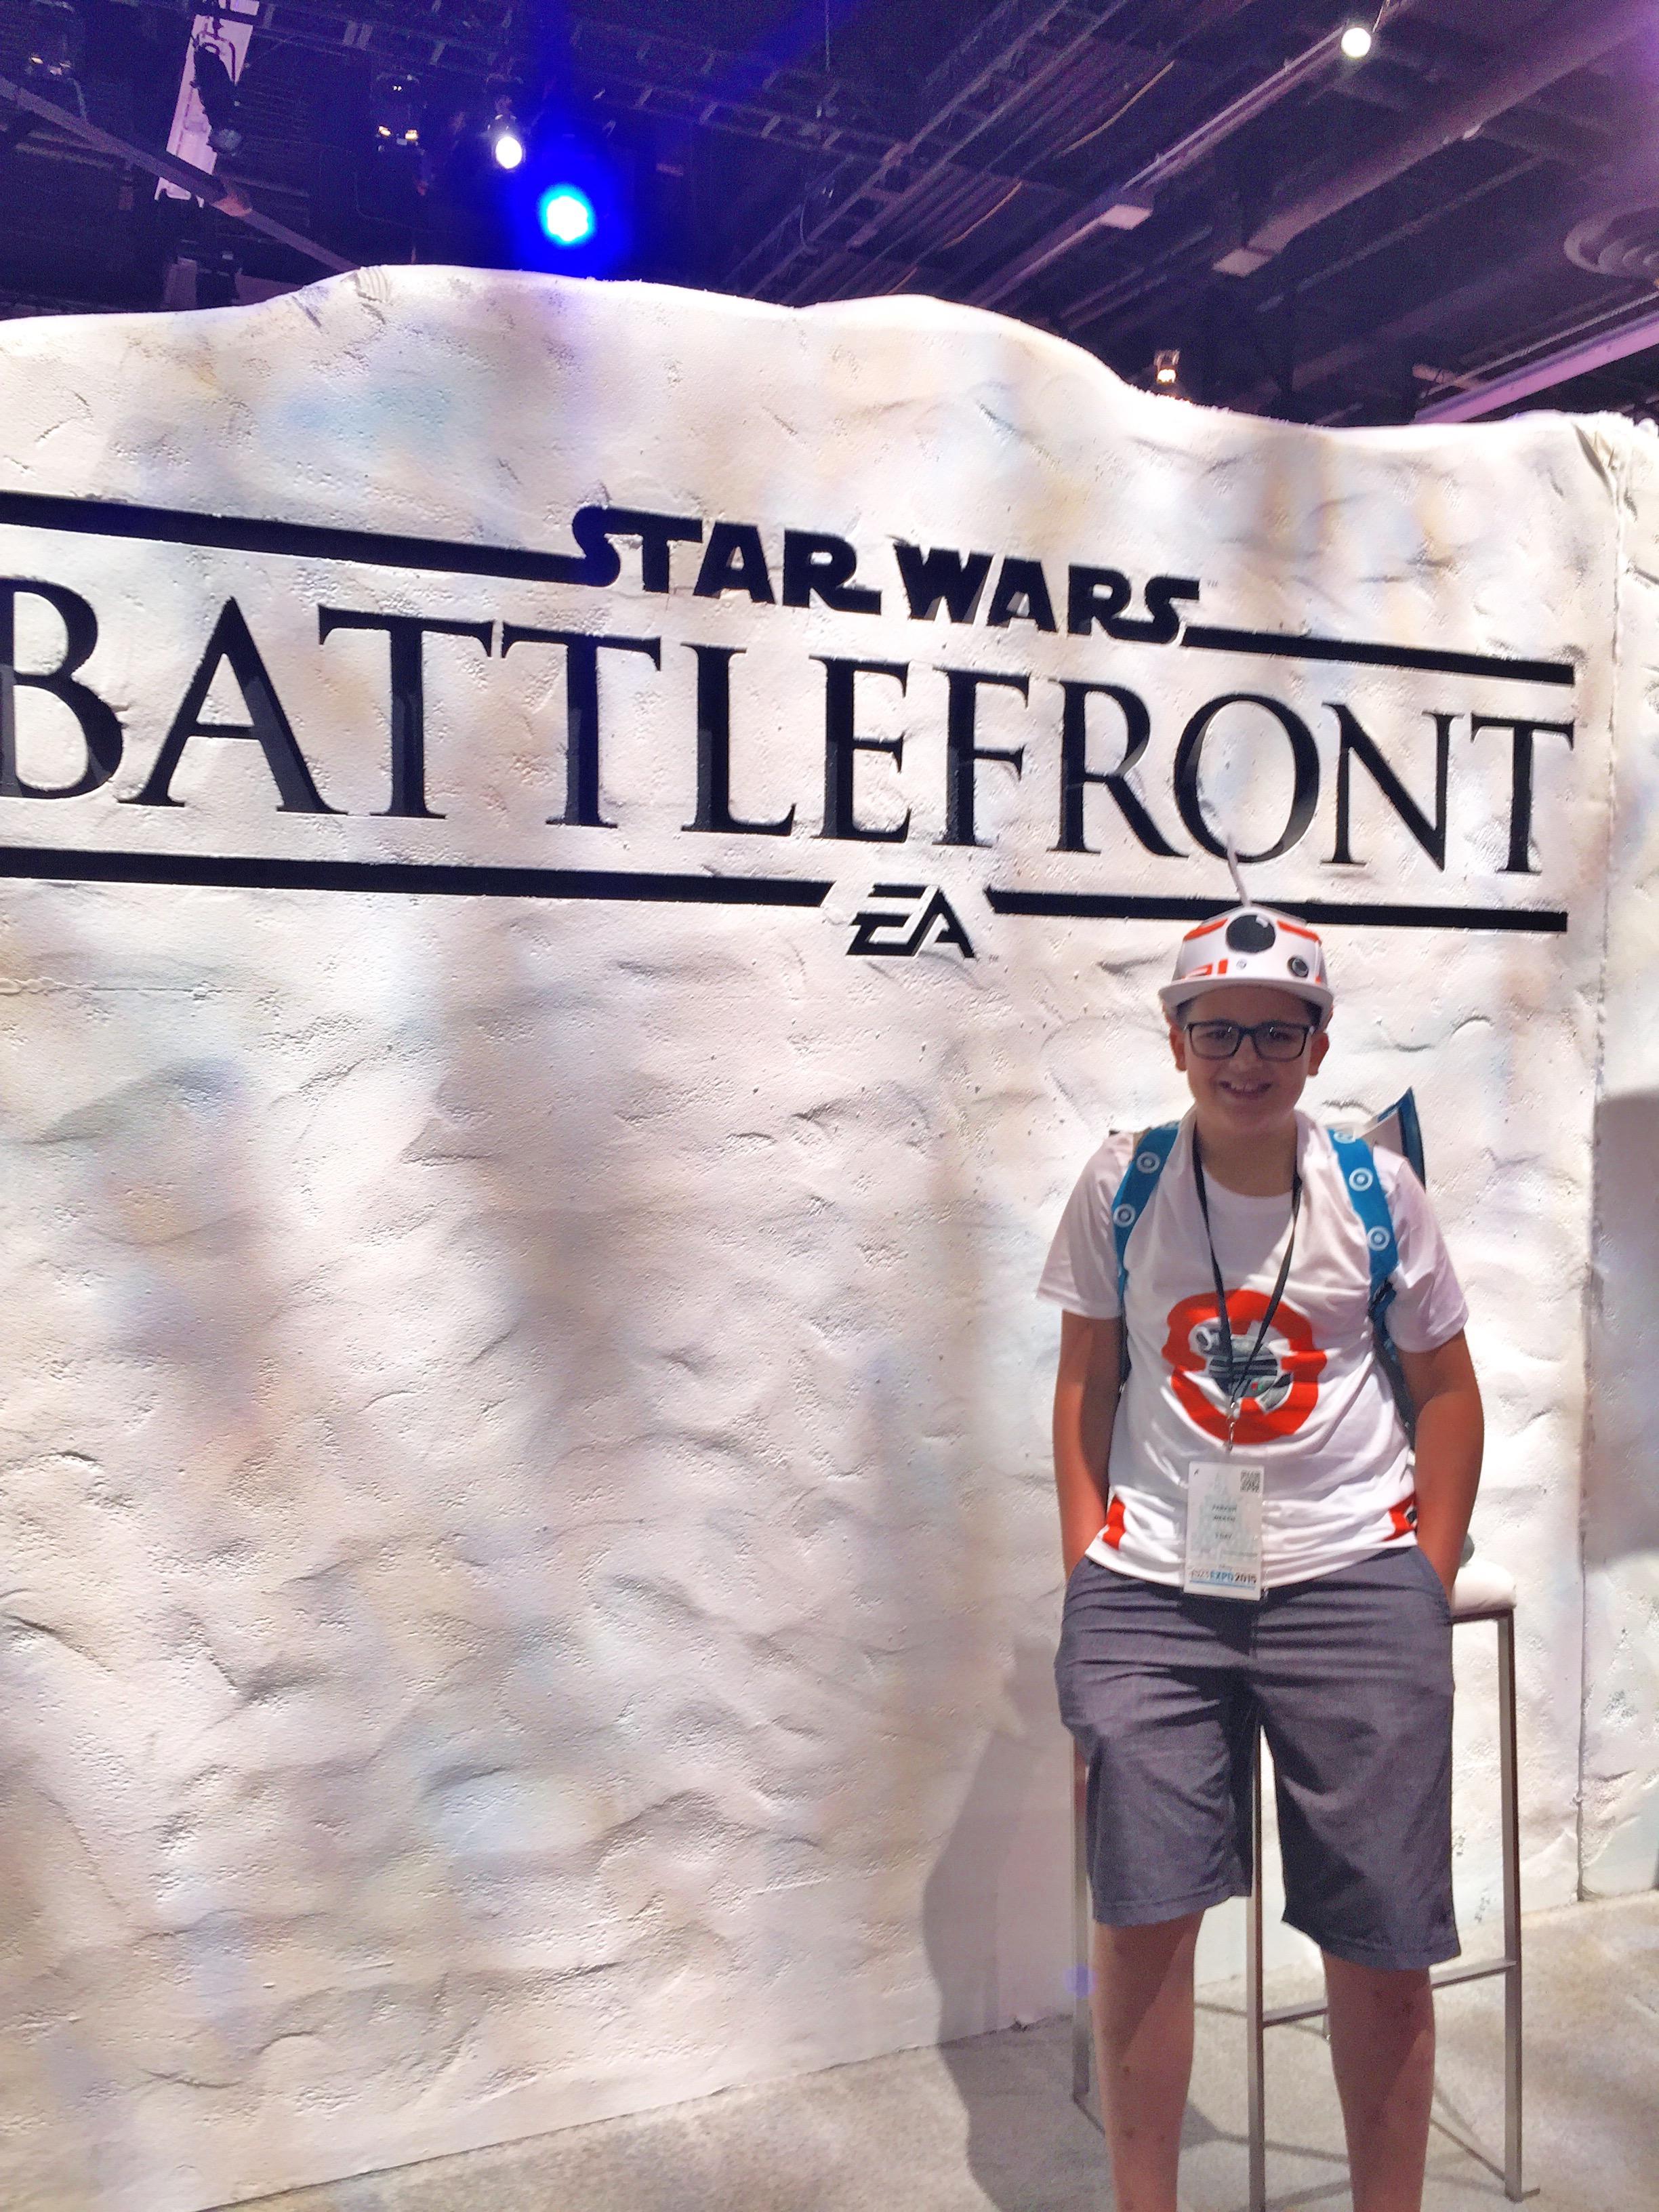 Star Wars BattleFront at D23